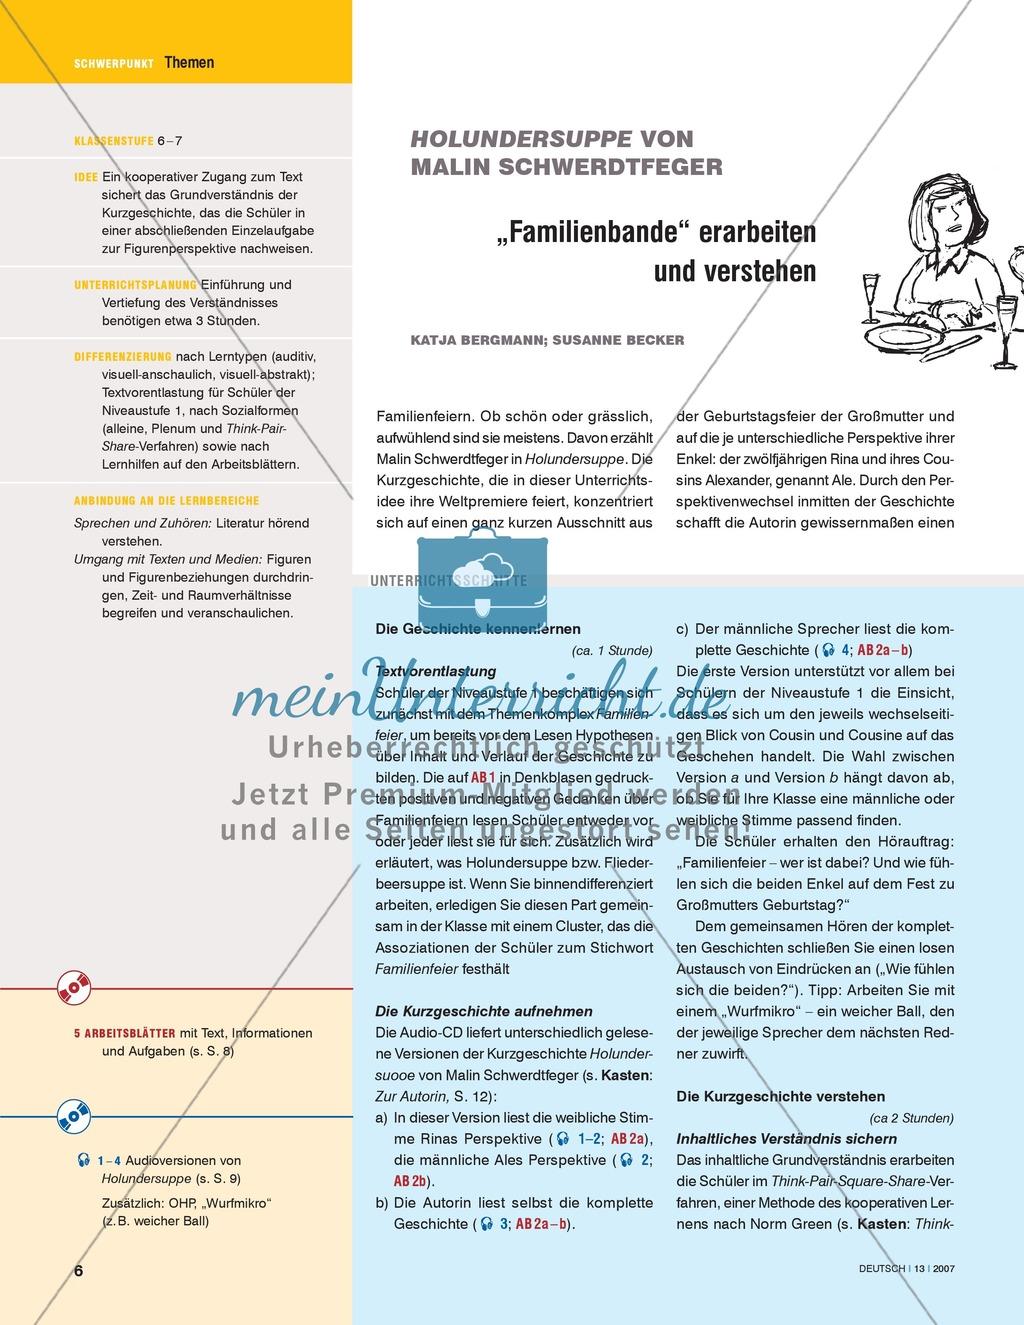 """Schwerdtfegers Kurzgeschichte """"Holundersuppe"""" - Familienbande erarbeiten und verstehen: Unterrichtsidee Preview 1"""